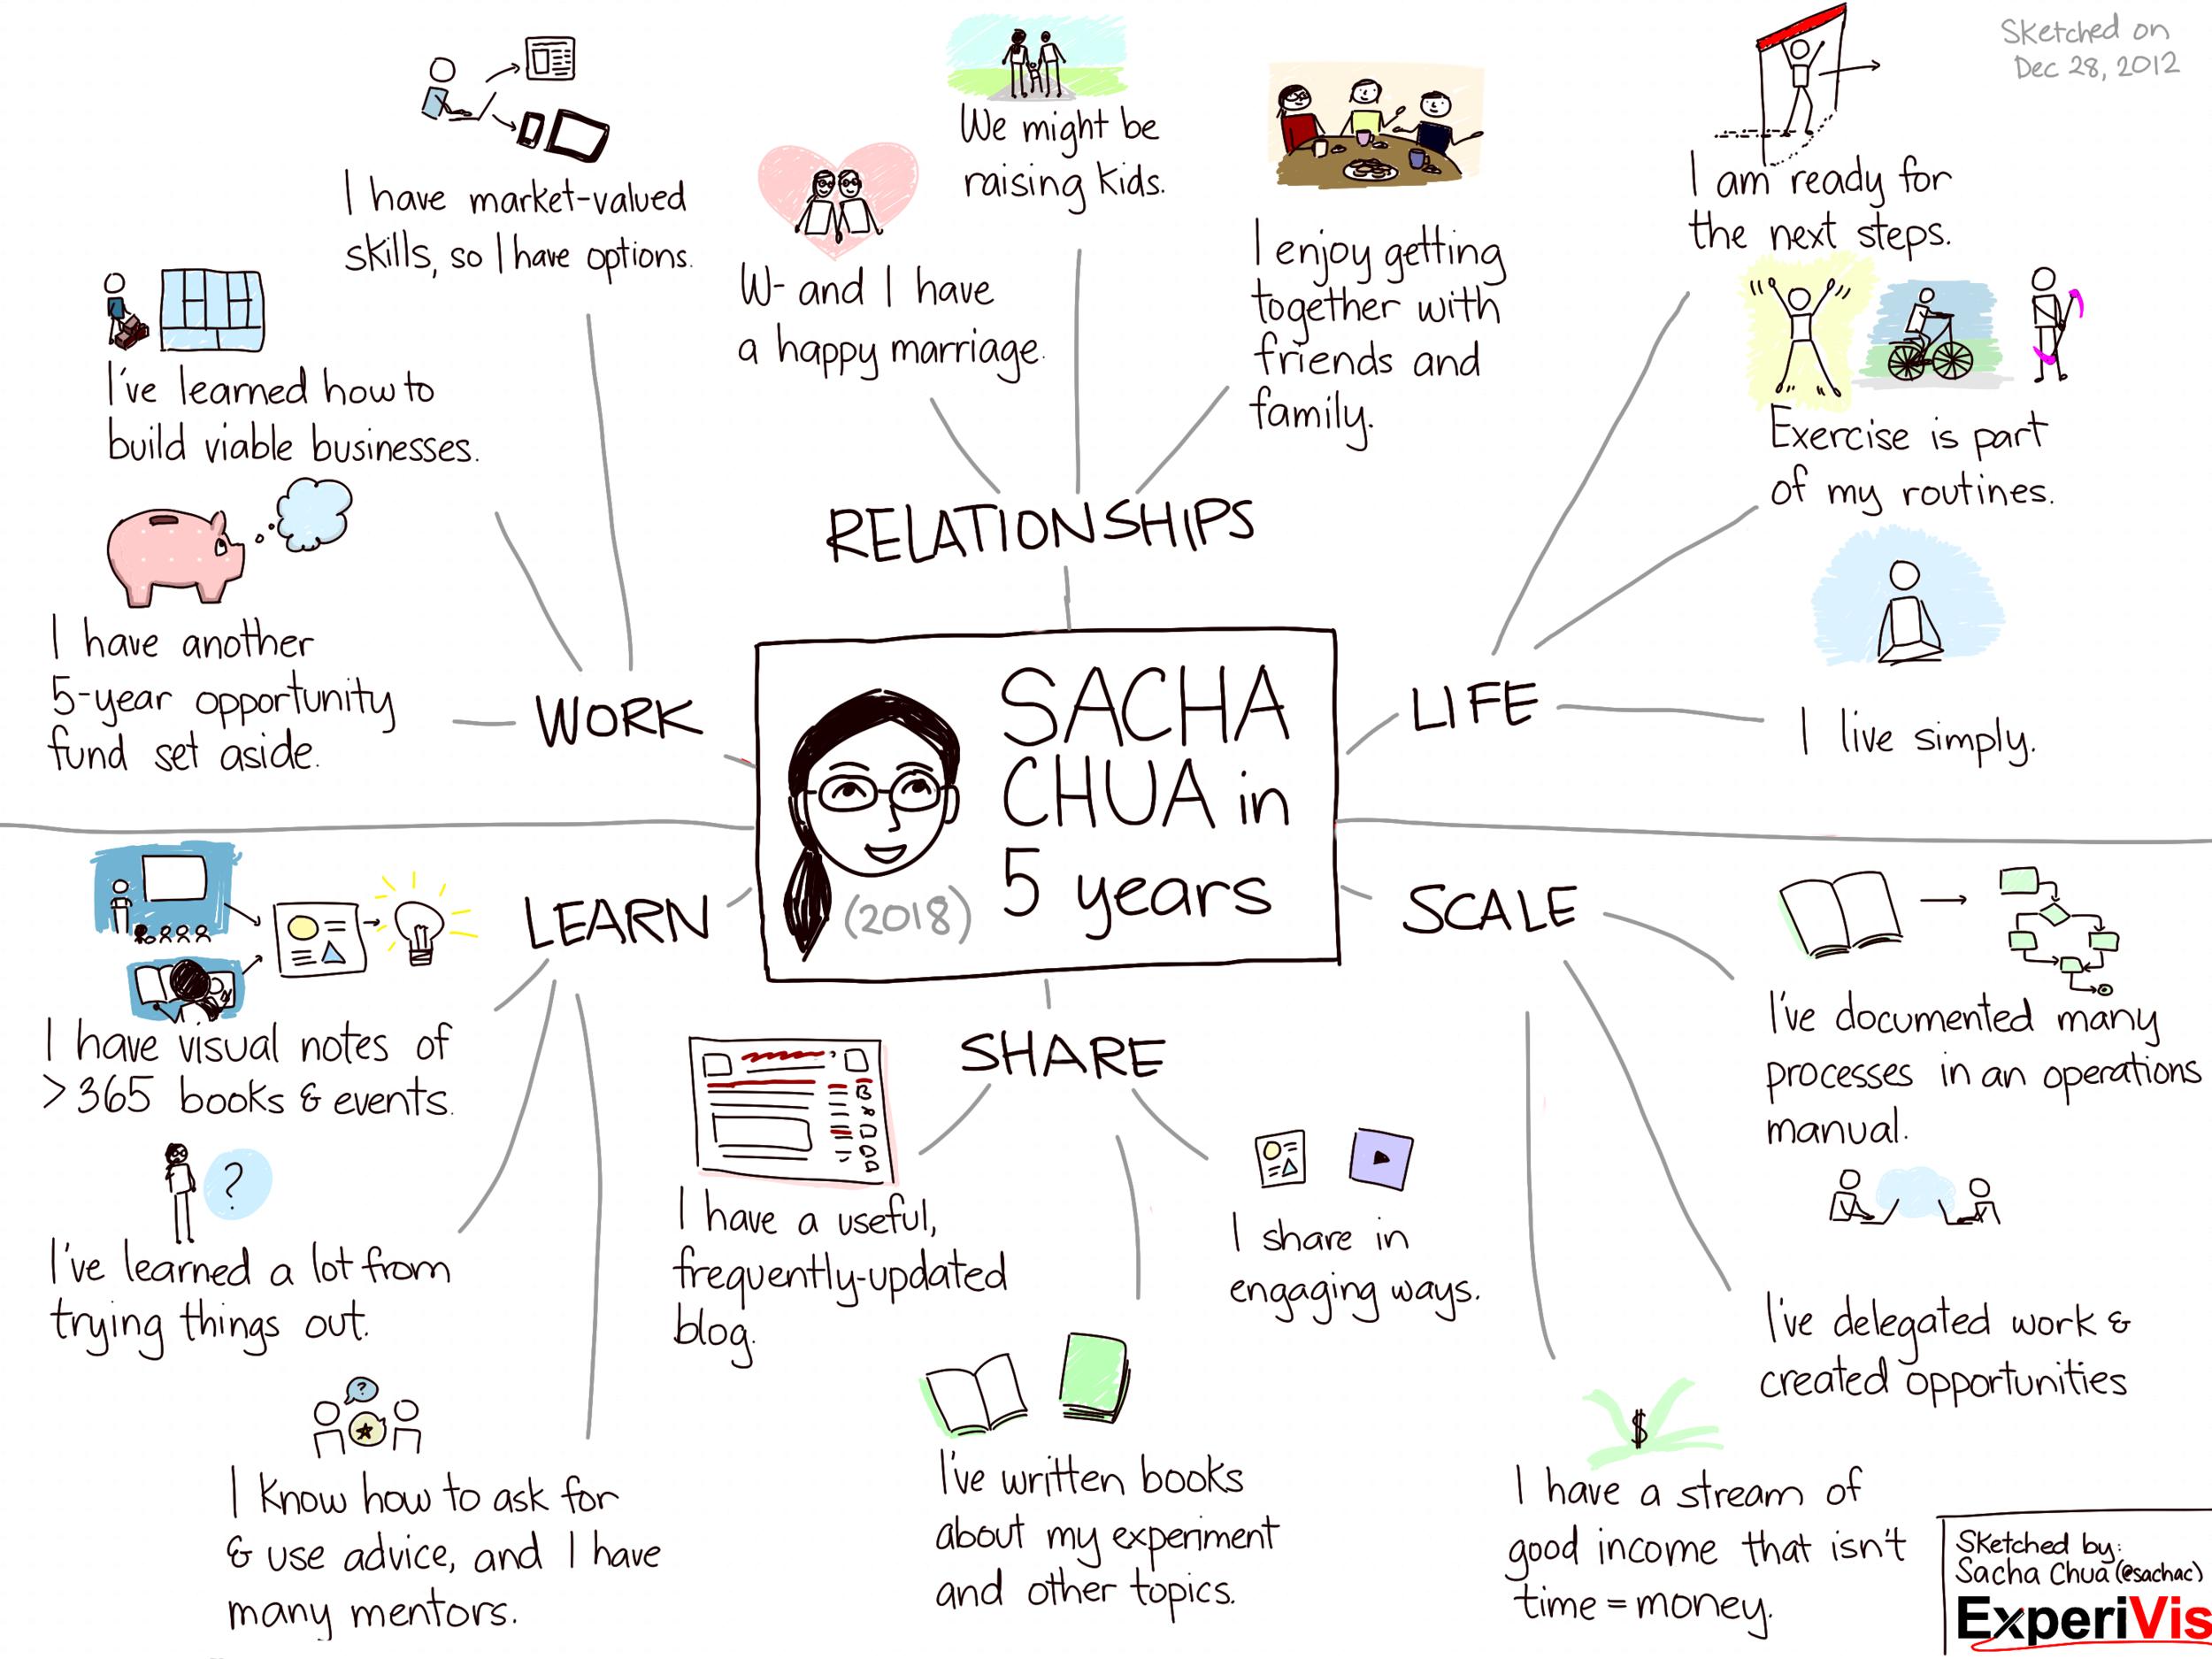 Sacha Chua 's 5-Year Vision Map